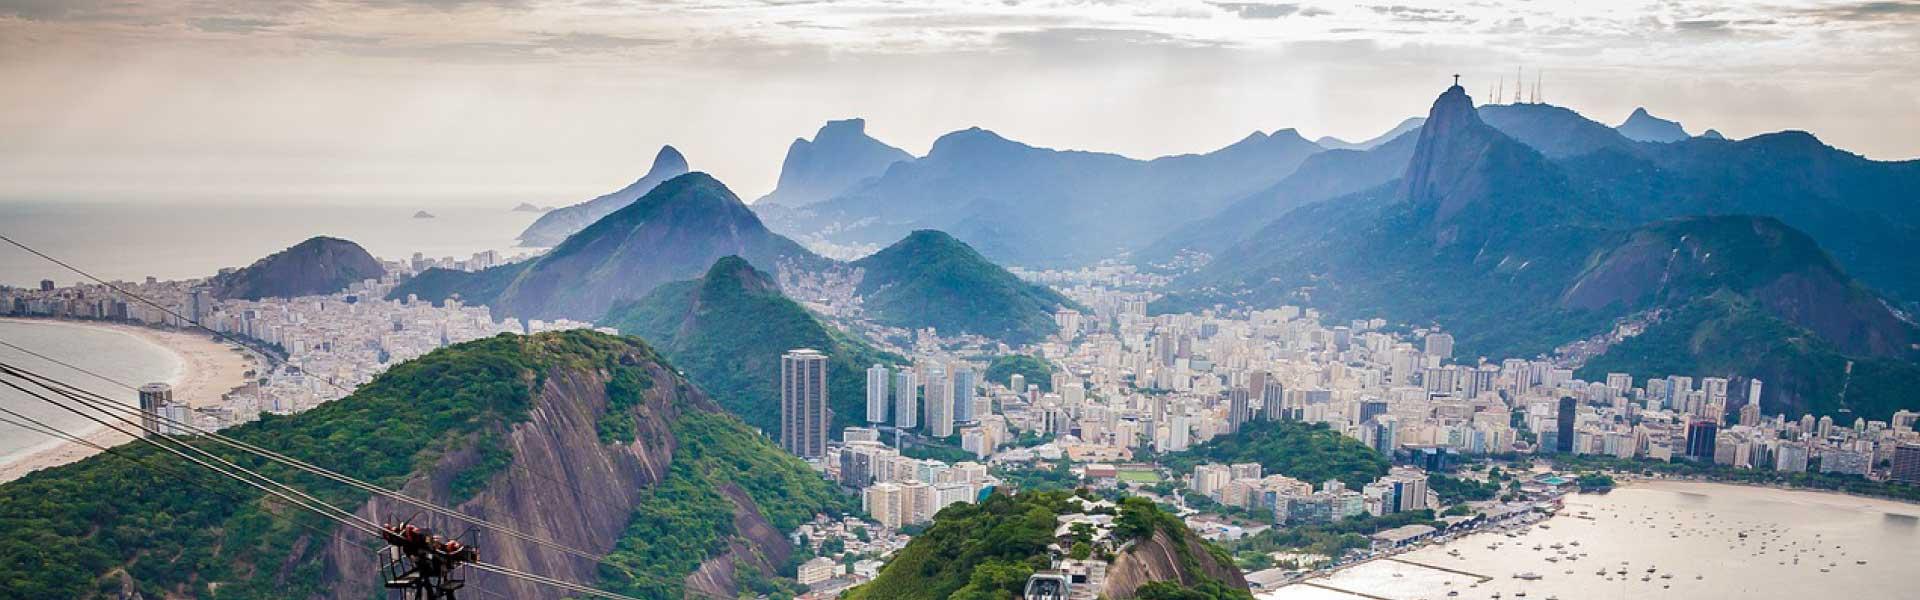 Visita los mejores lugares de Río de Janeiro